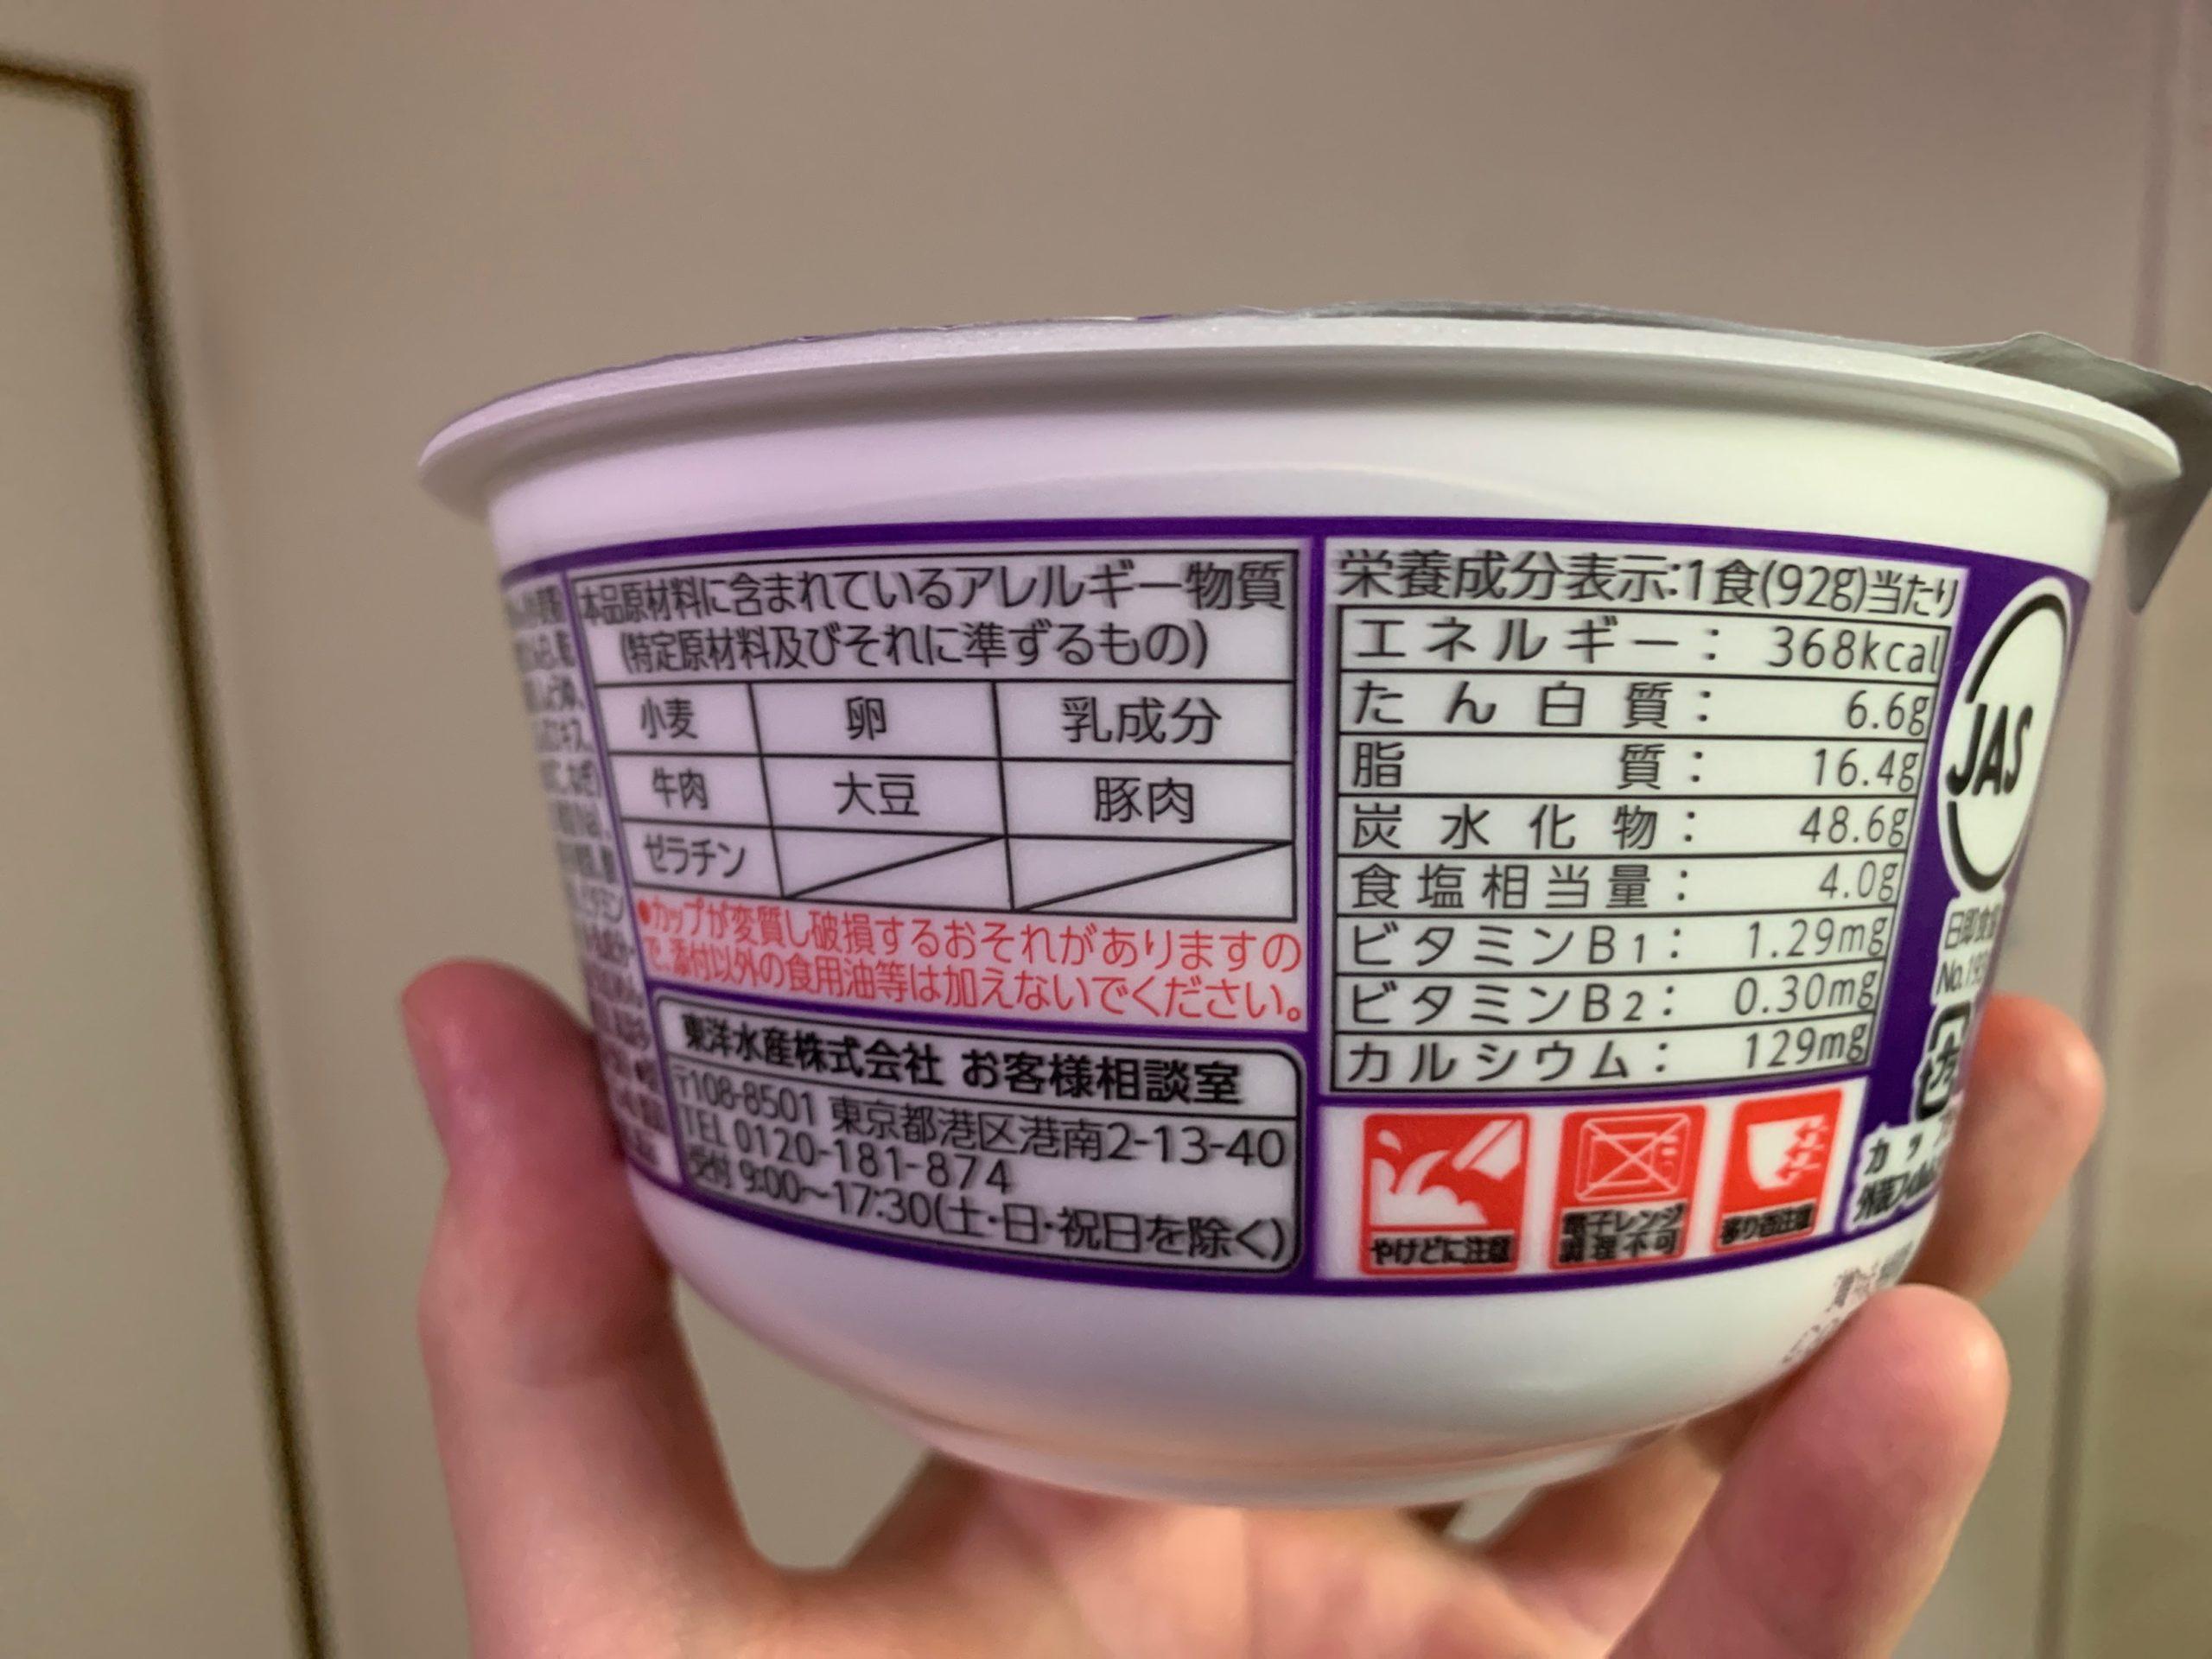 マルちゃん汁なし牛すきうどんの栄養成分